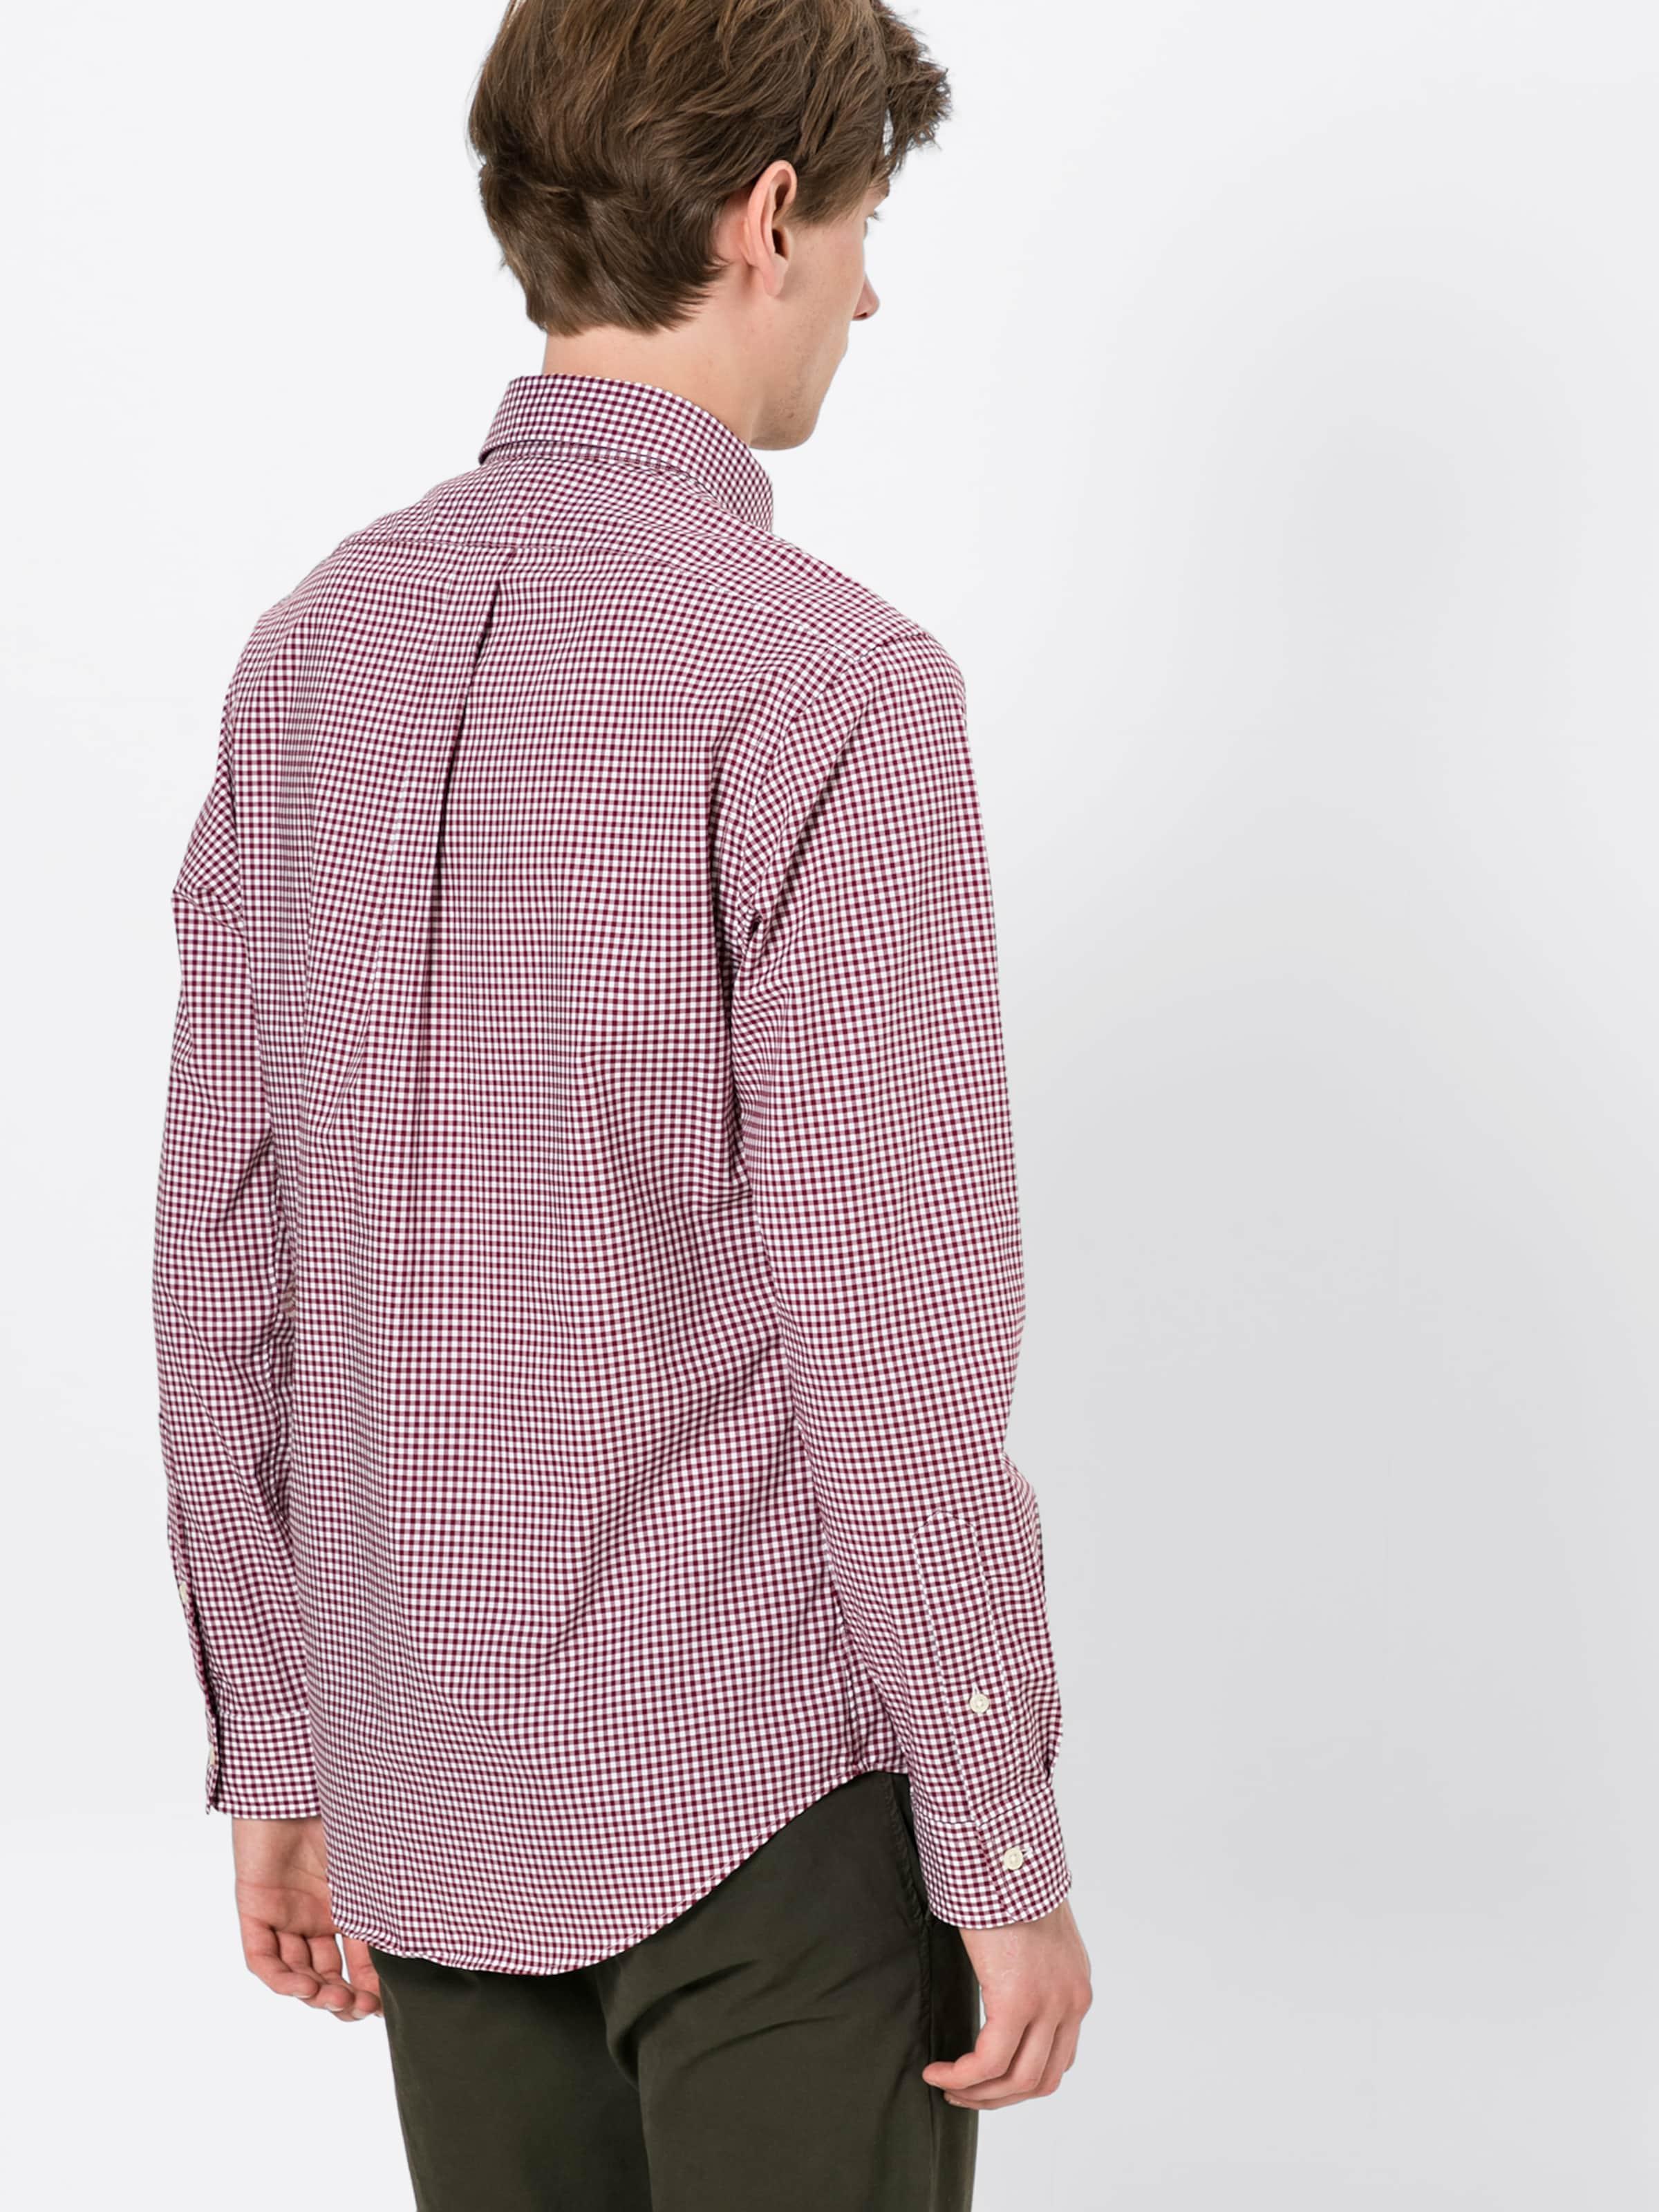 De sport long En Sleeve Polo Bd Lauren Shirt' Chemise VinBlanc 'sl Ralph Lie Sp Ppc F5u1Kc3TJl